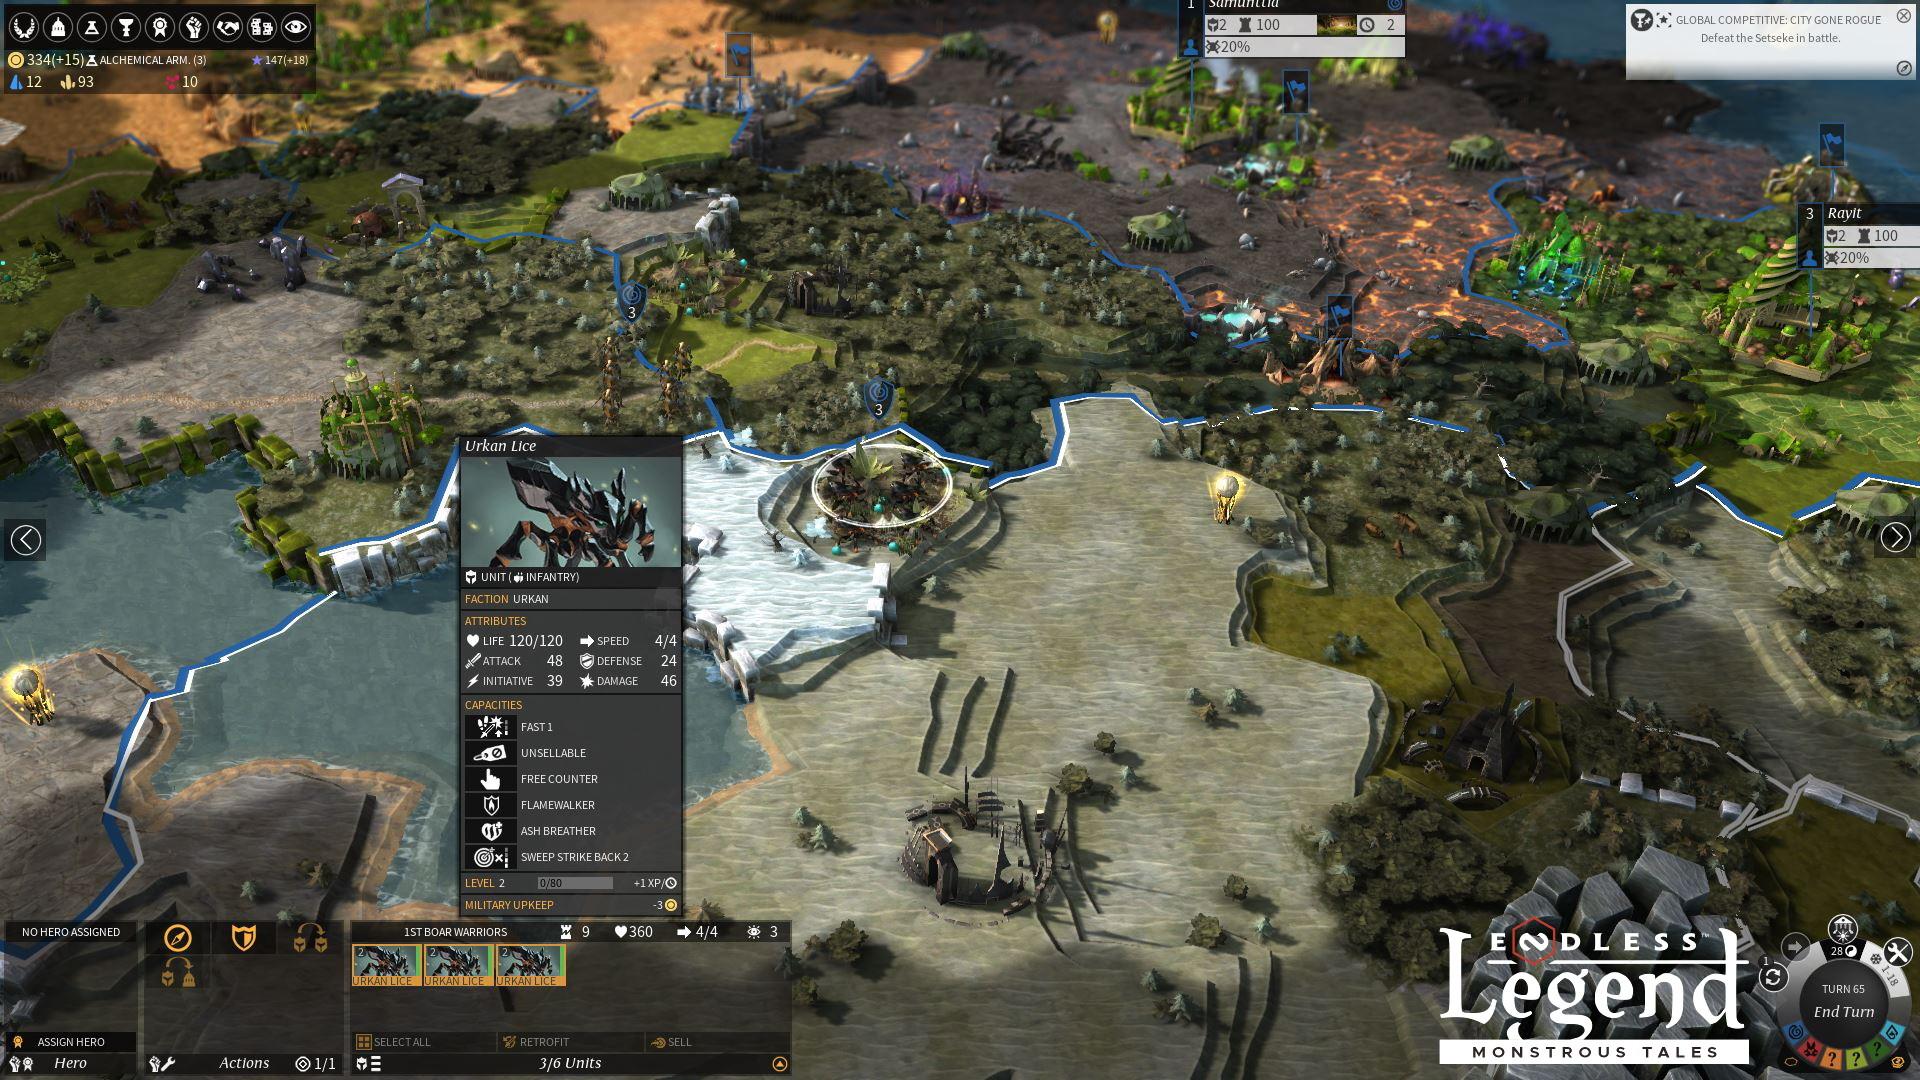 endless-legend-pc-screenshot-4